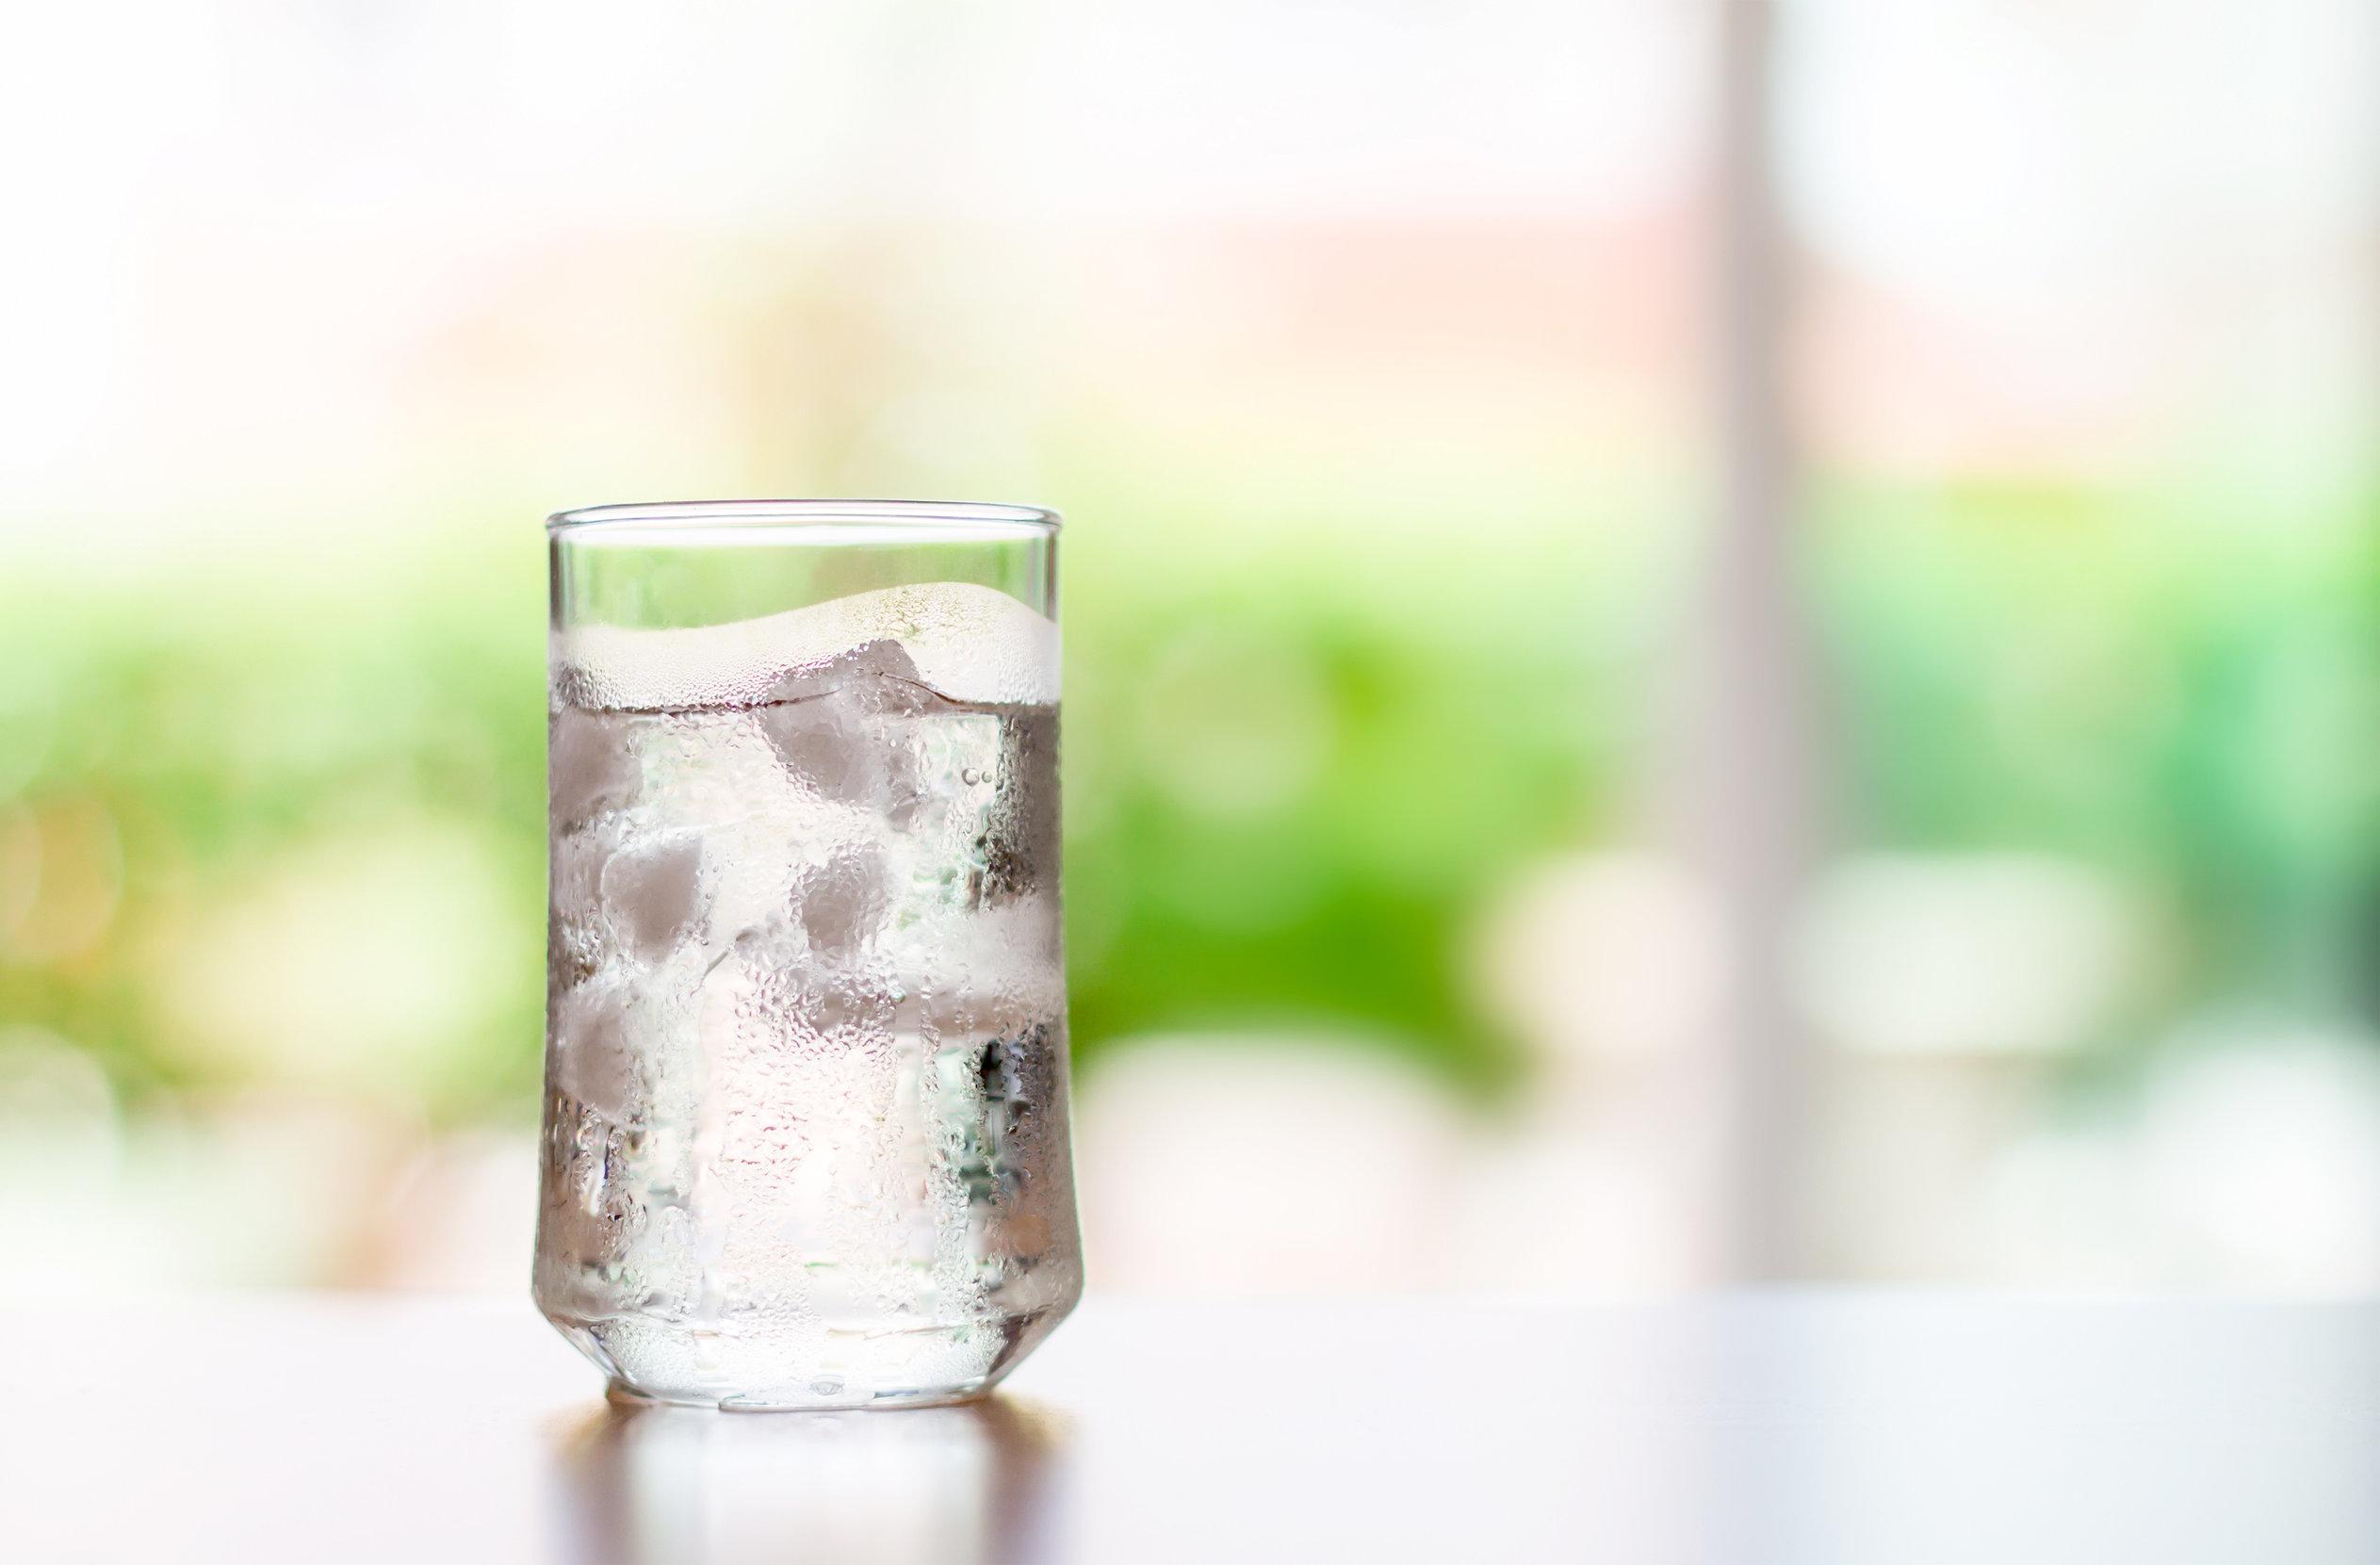 A hideg ivóvíz jótékony élettani hatásai